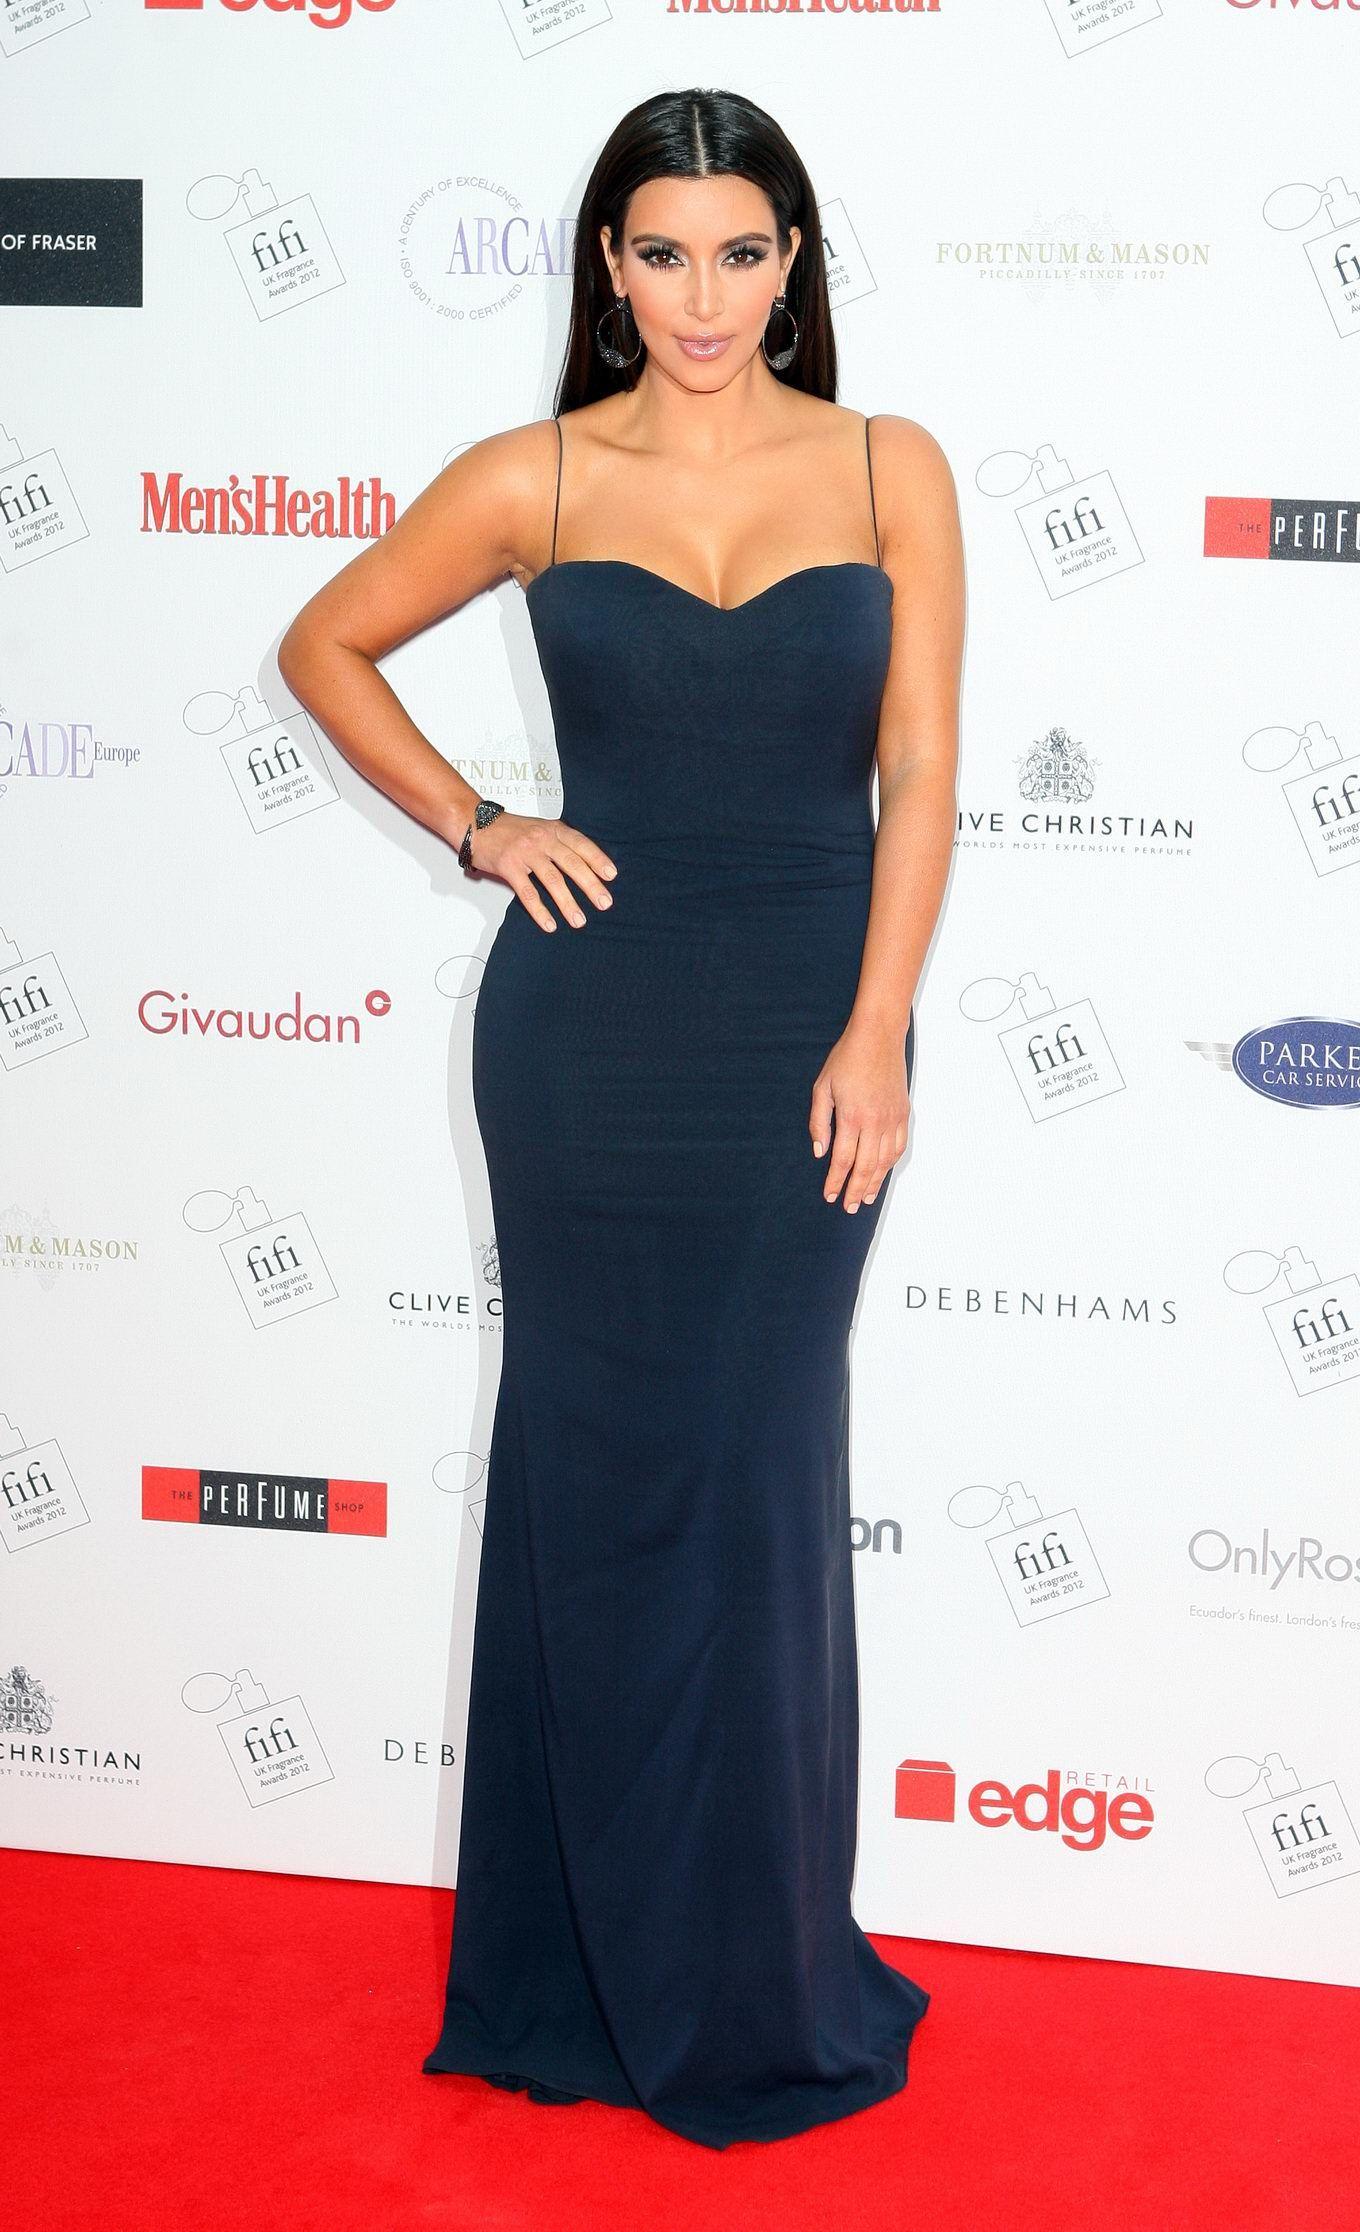 f736d9f706a Kim Kardashian – at FiFi UK Fragrance Awards in London 02.09.12 761409